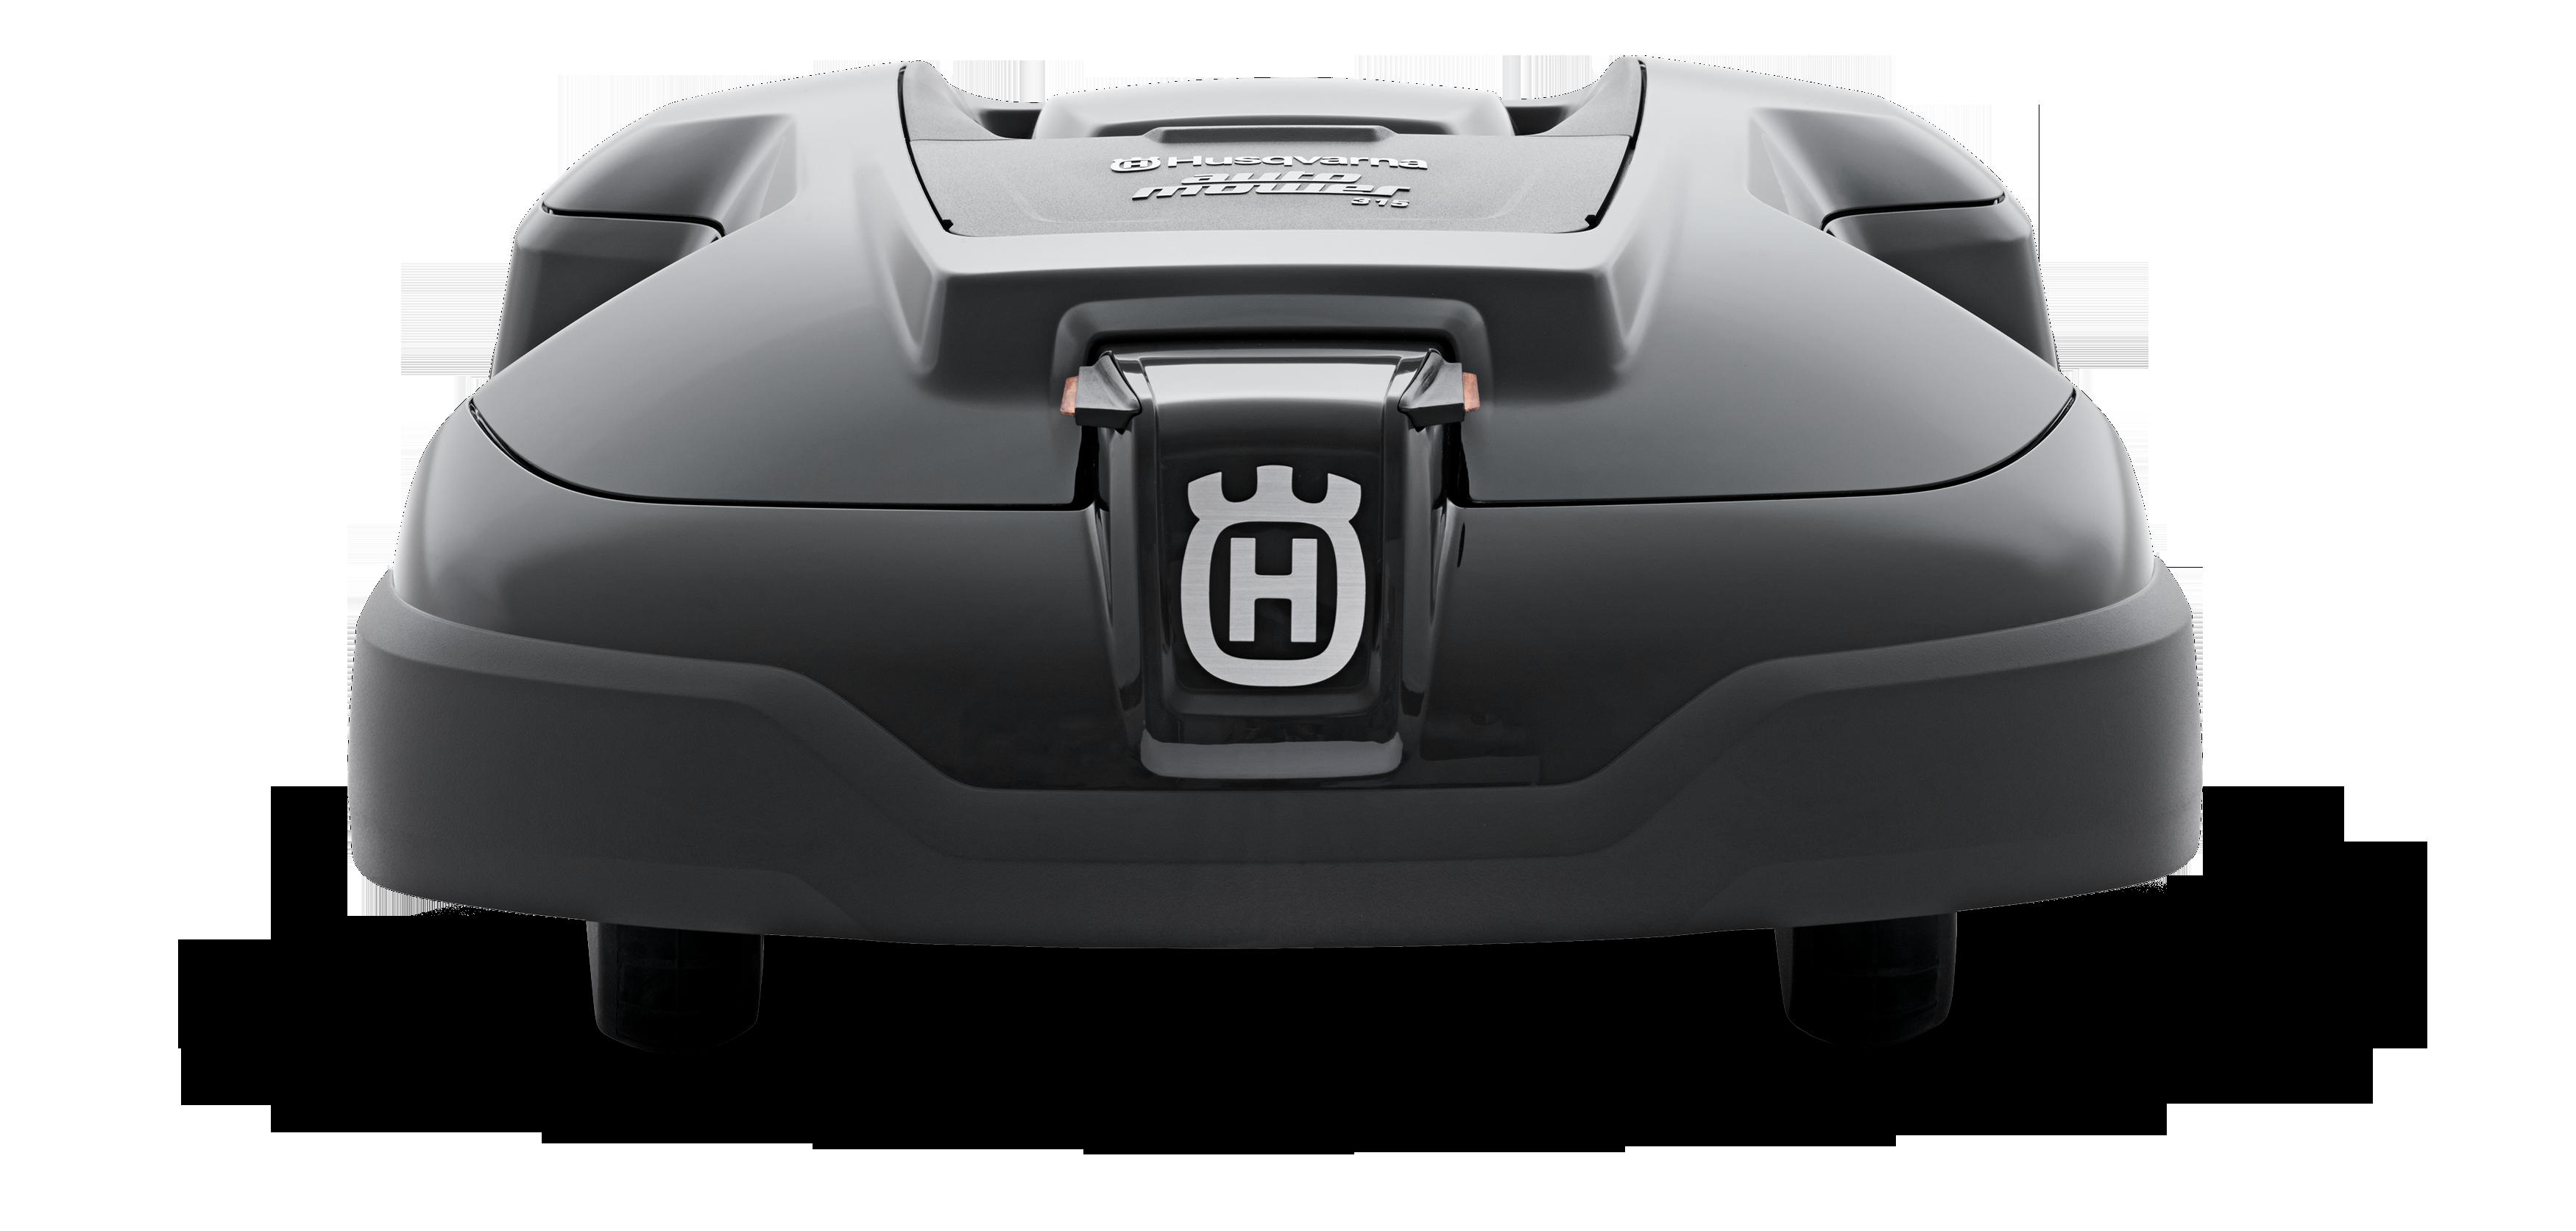 Melns Husqvarna zāles pļāvējs robots – Automower 315 modelis, skats no aizmugures